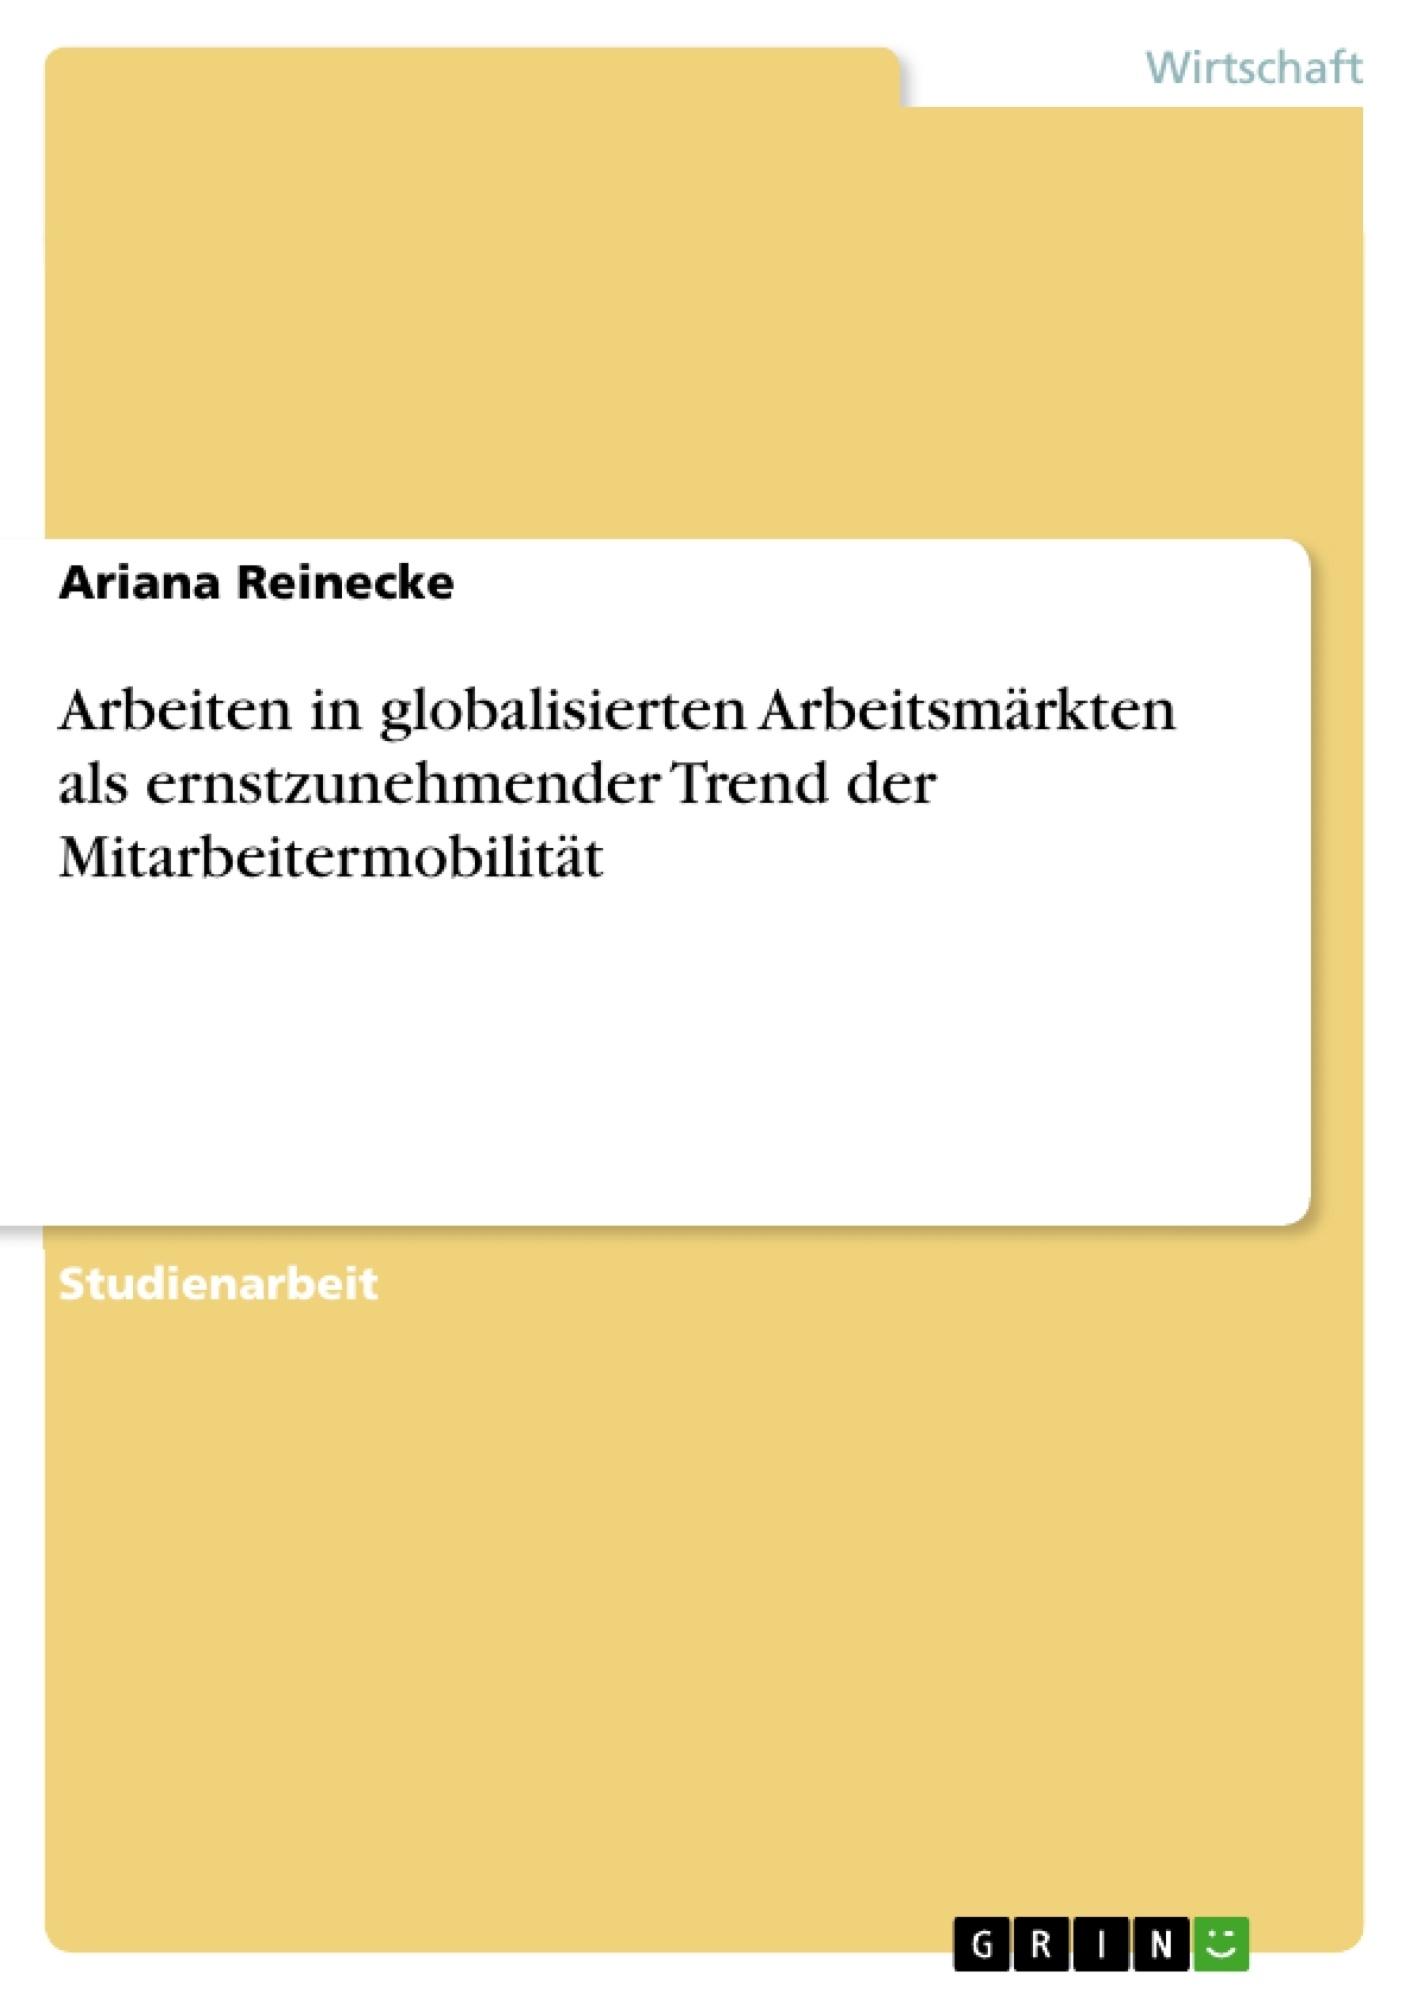 Titel: Arbeiten in globalisierten Arbeitsmärkten als ernstzunehmender Trend der Mitarbeitermobilität